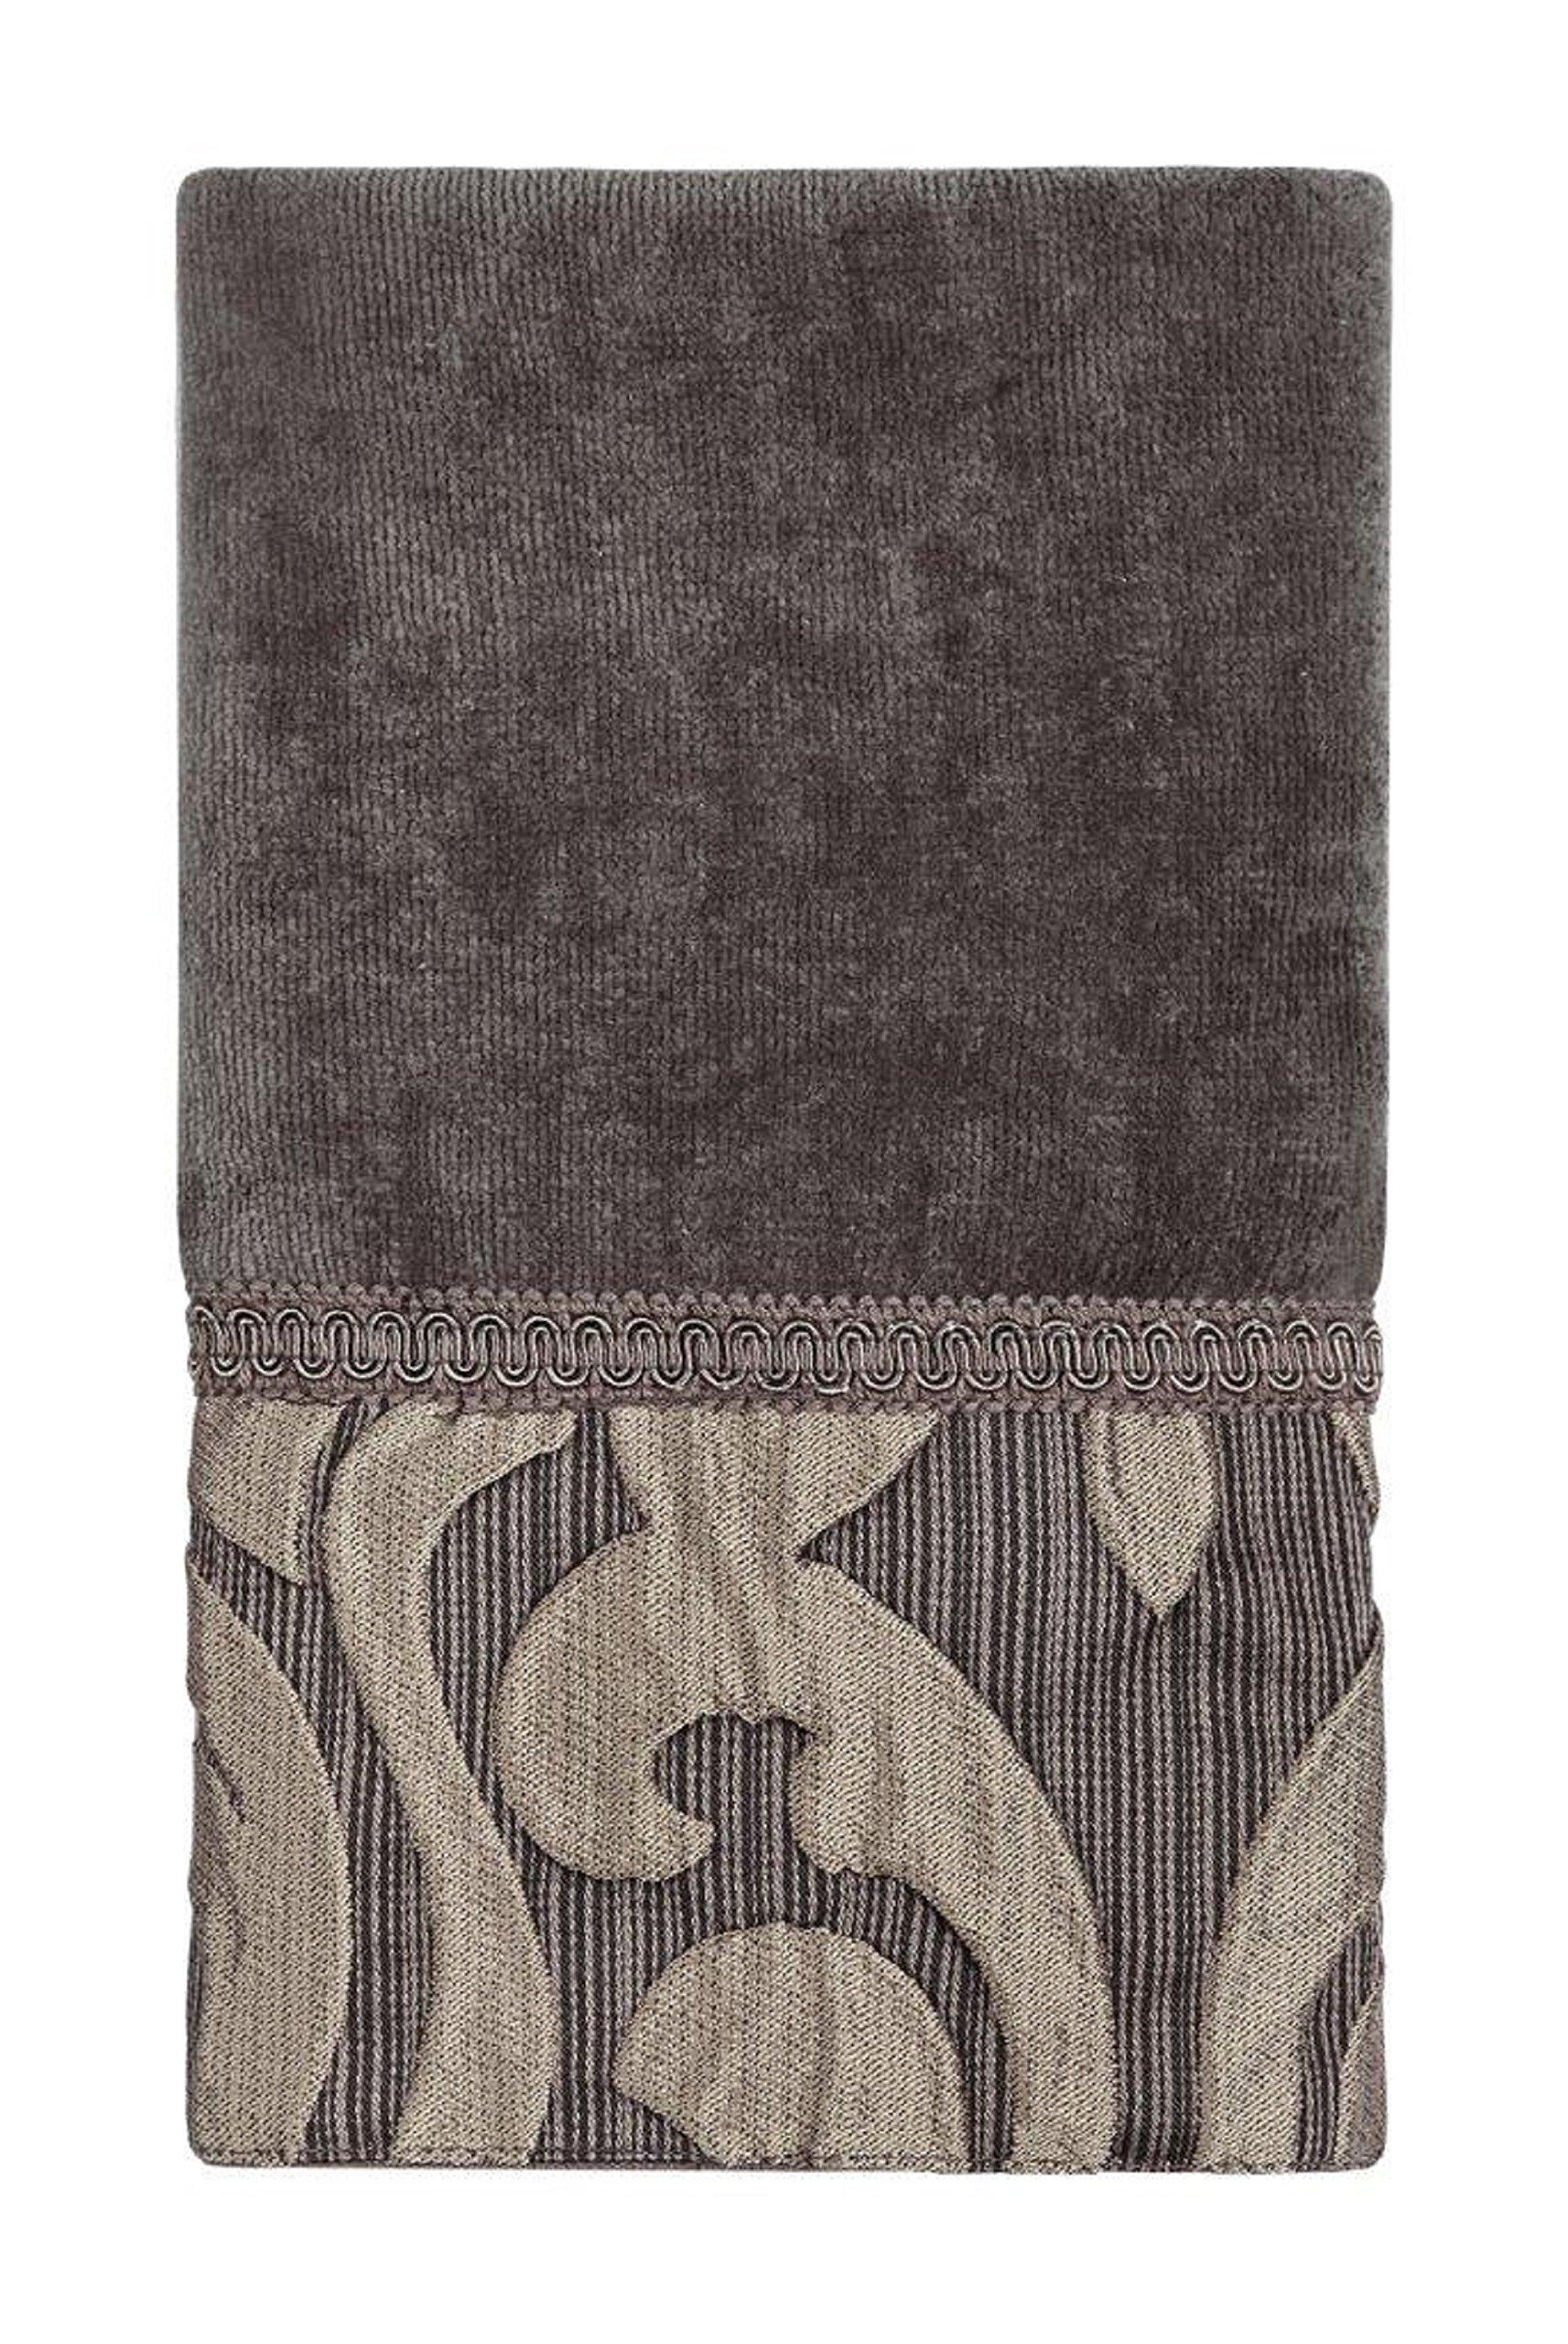 Five Queens Court Lafayette Velour Cotton Jacquard Fingertip Towel, Mink